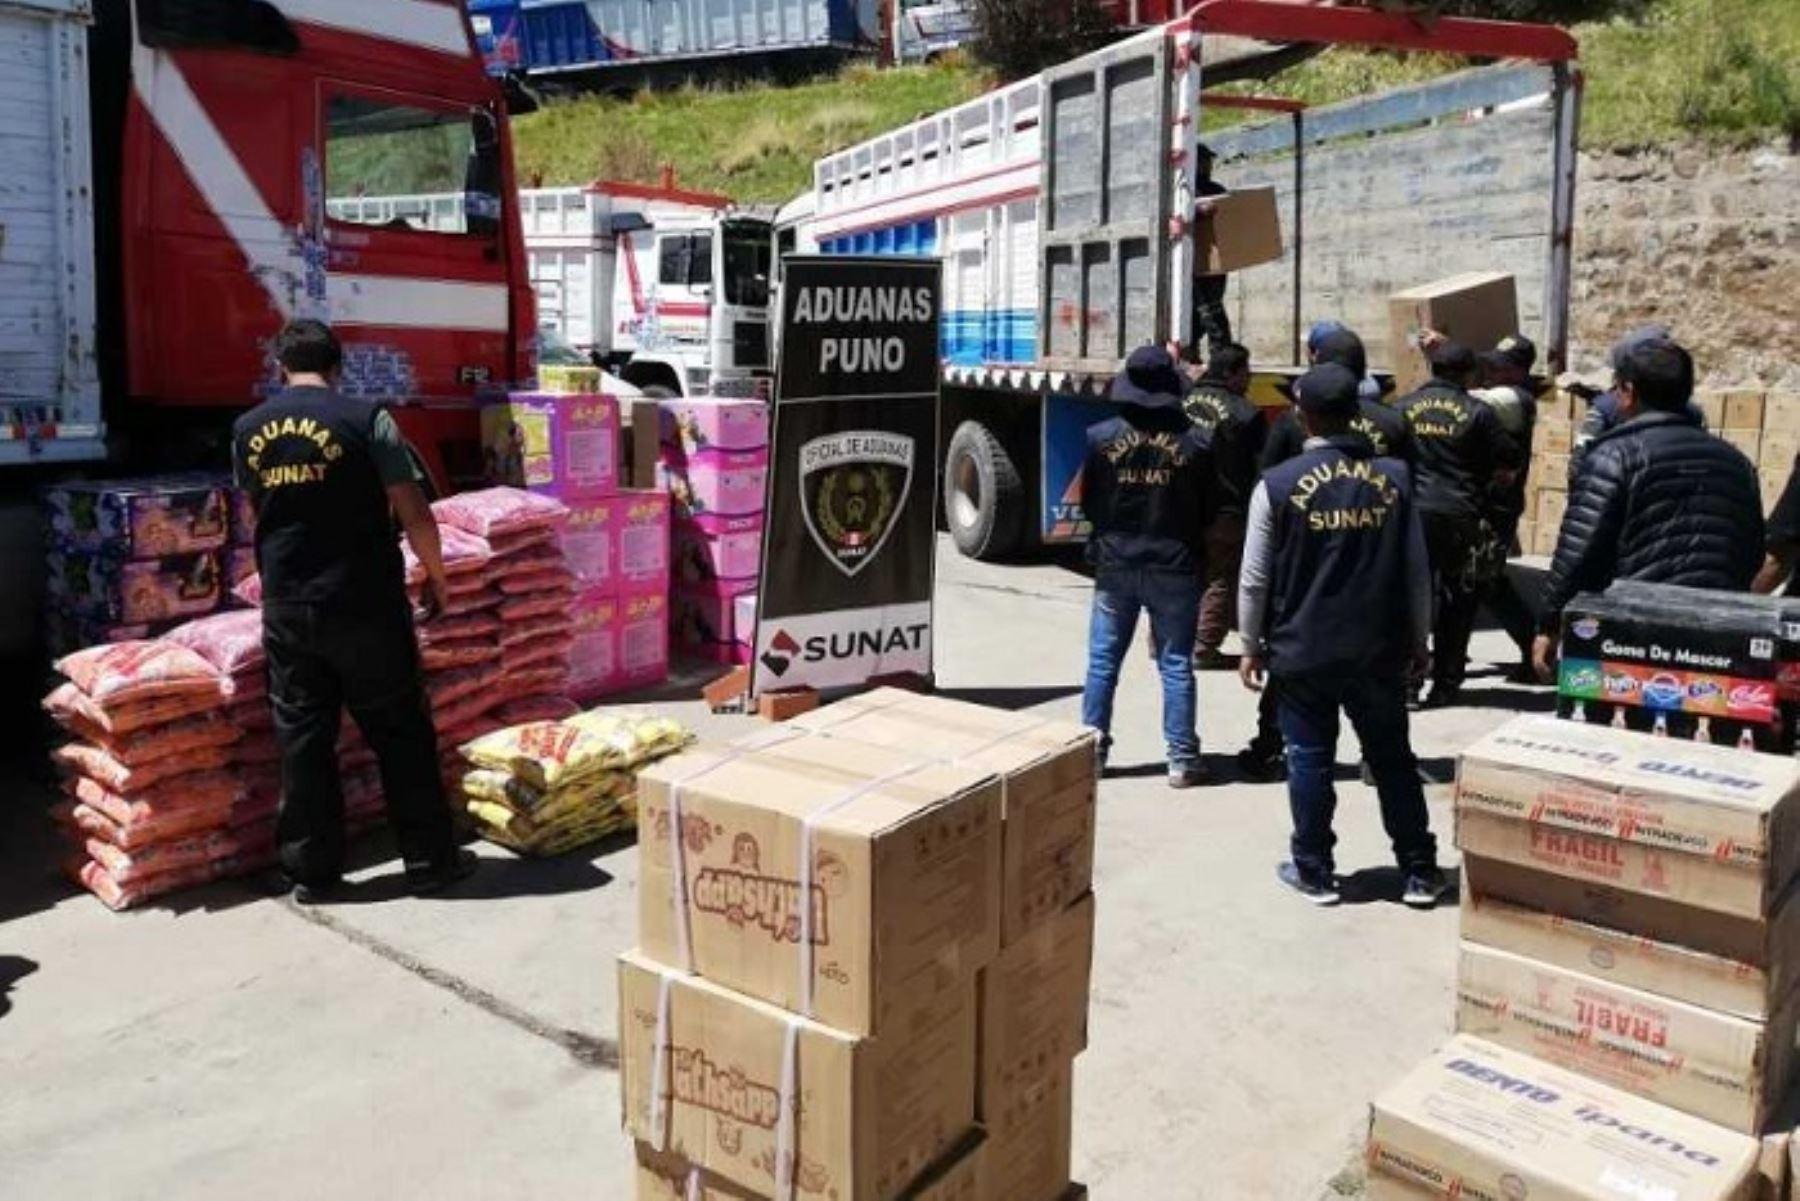 Personal de la Intendencia de Aduana de Puno de la Sunat intervino dos camiones, a la altura del kilómetro 22 de la carretera Huancané-Juliaca, incautando mercancías de procedencia extranjera valorizada en 500,000 soles, que habrían ingresado al país sin ninguna documentación que justifique su legalidad.